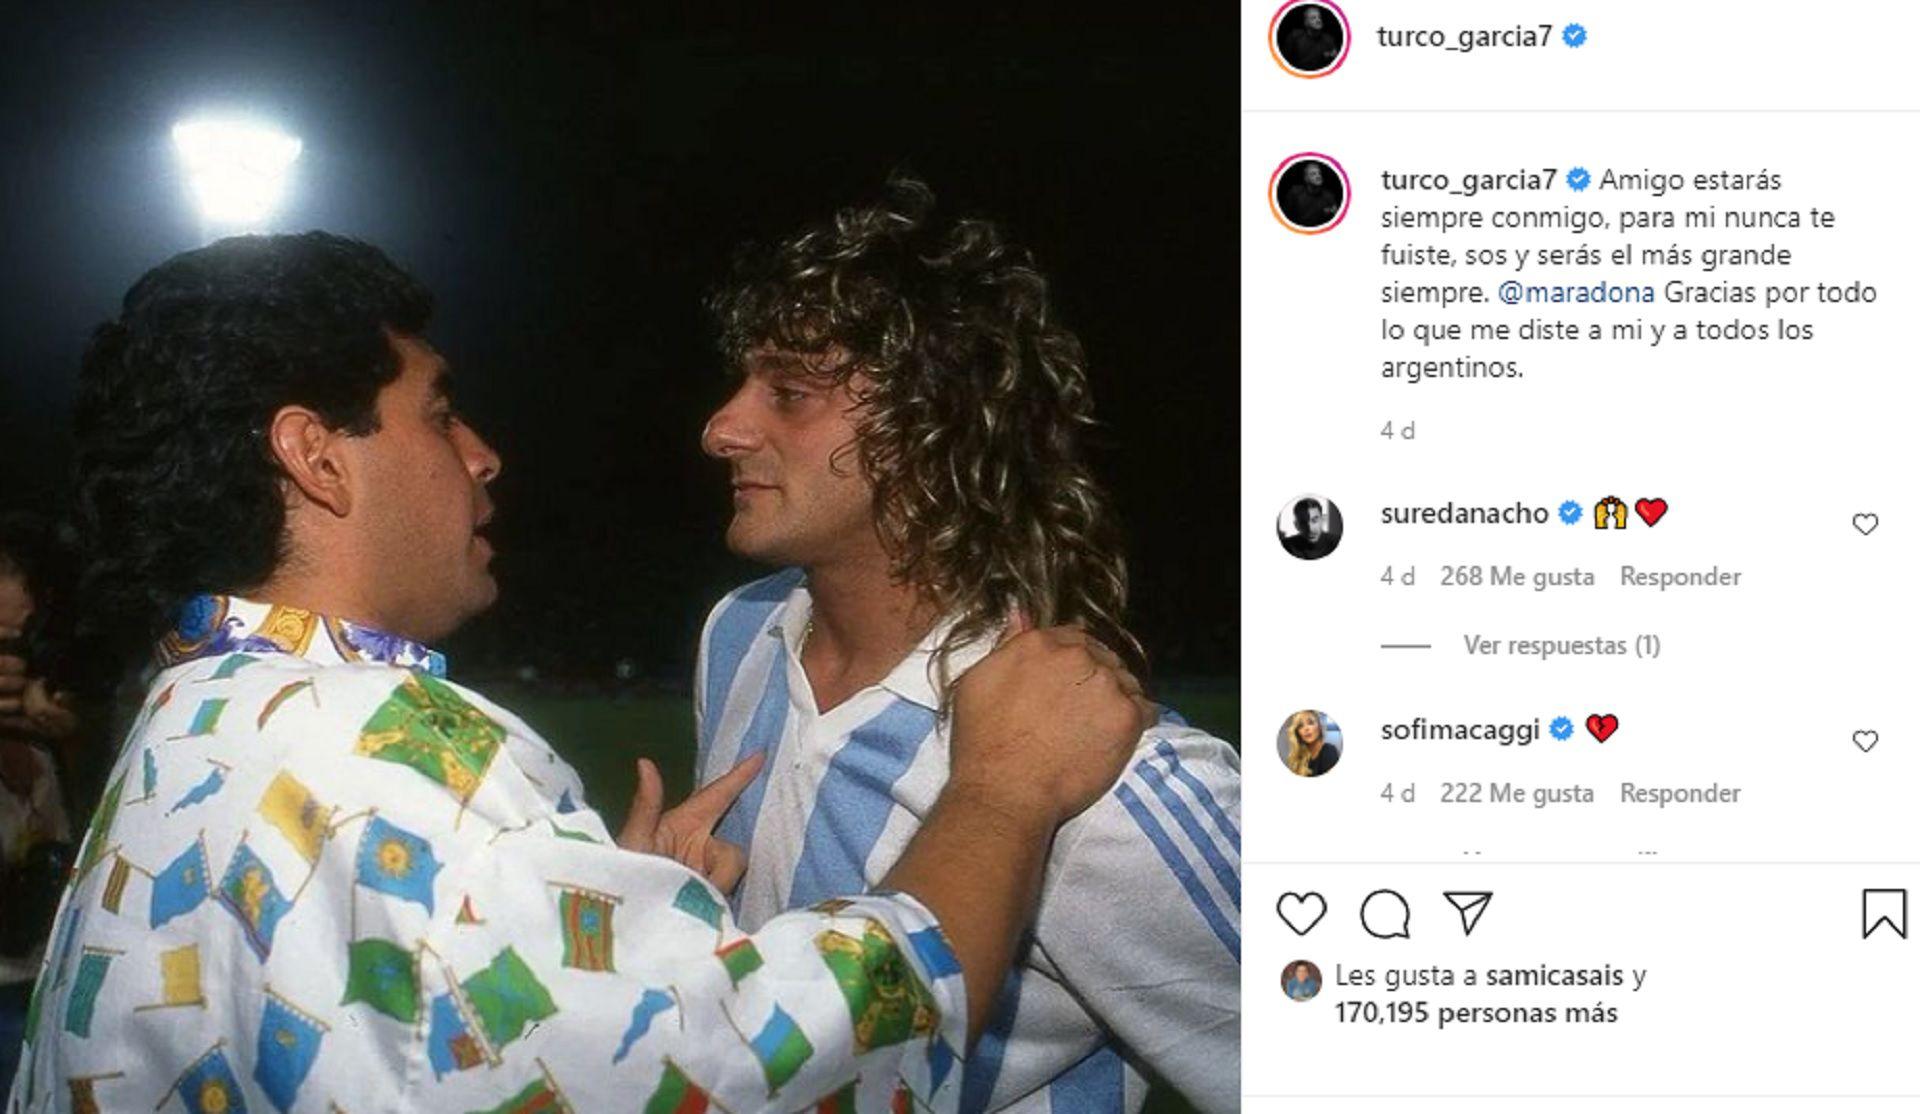 Diego Maradona y El Turco García